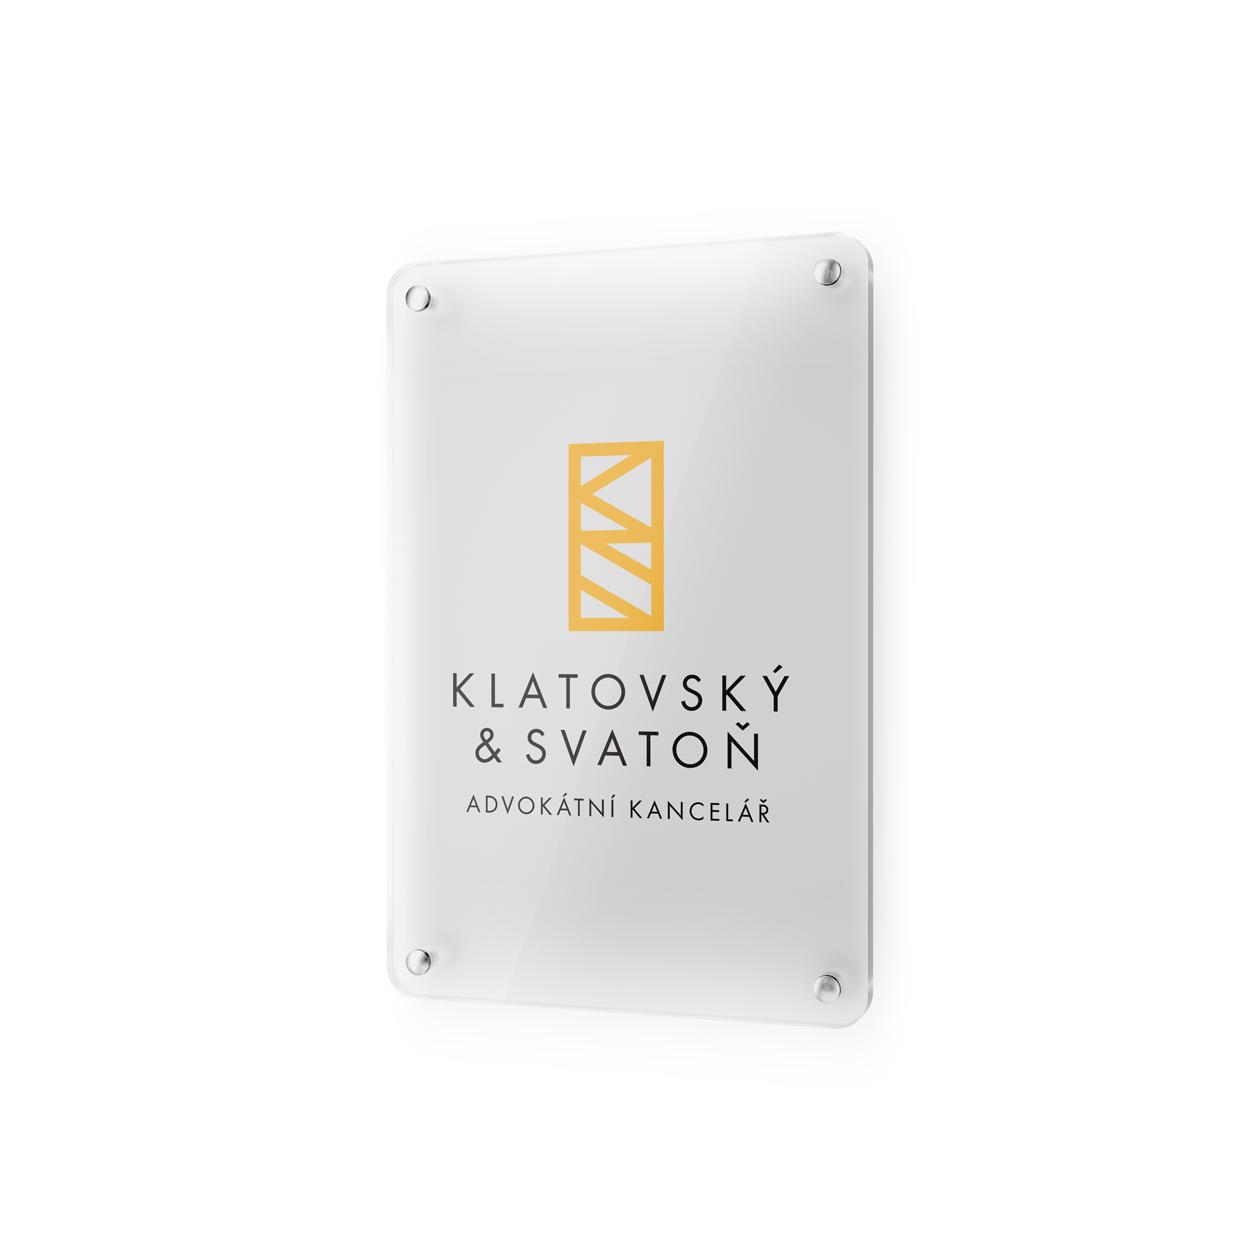 logo branding klatovsky a svaton 04